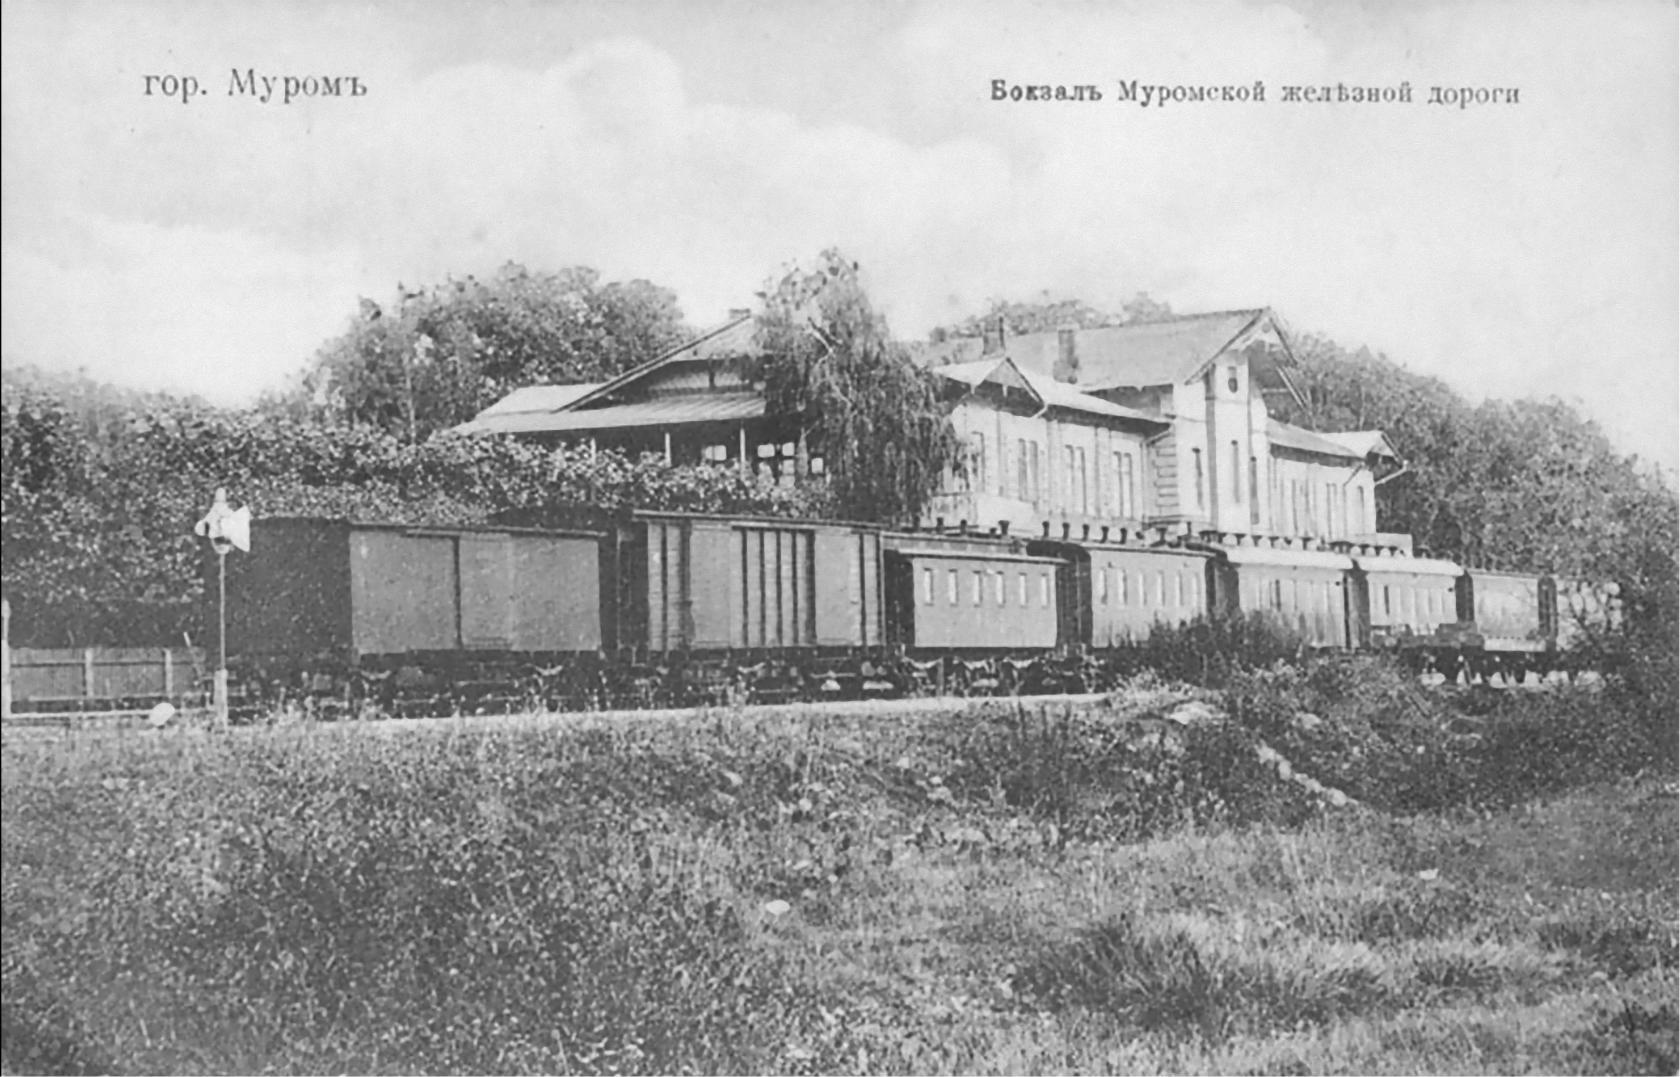 Вокзал Муромской железной дороги